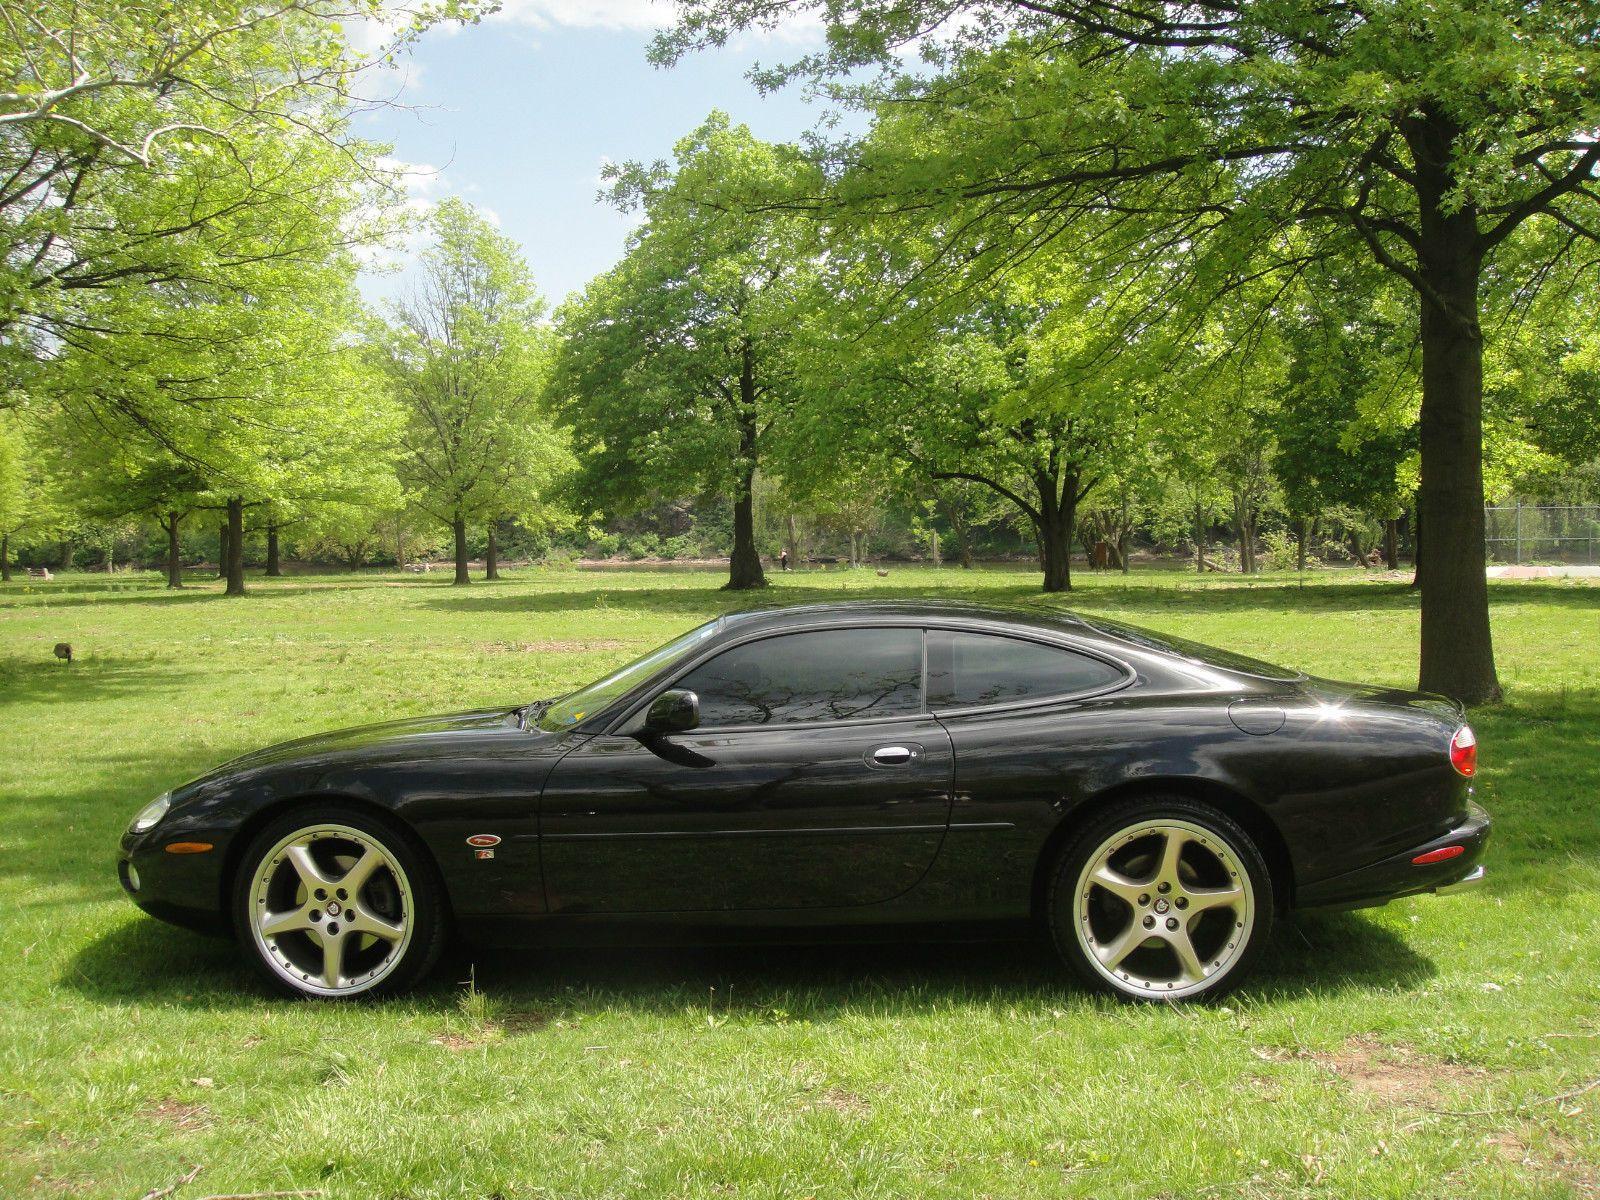 Jaguar Xkr Silverstone Rims Jaguars For Sale